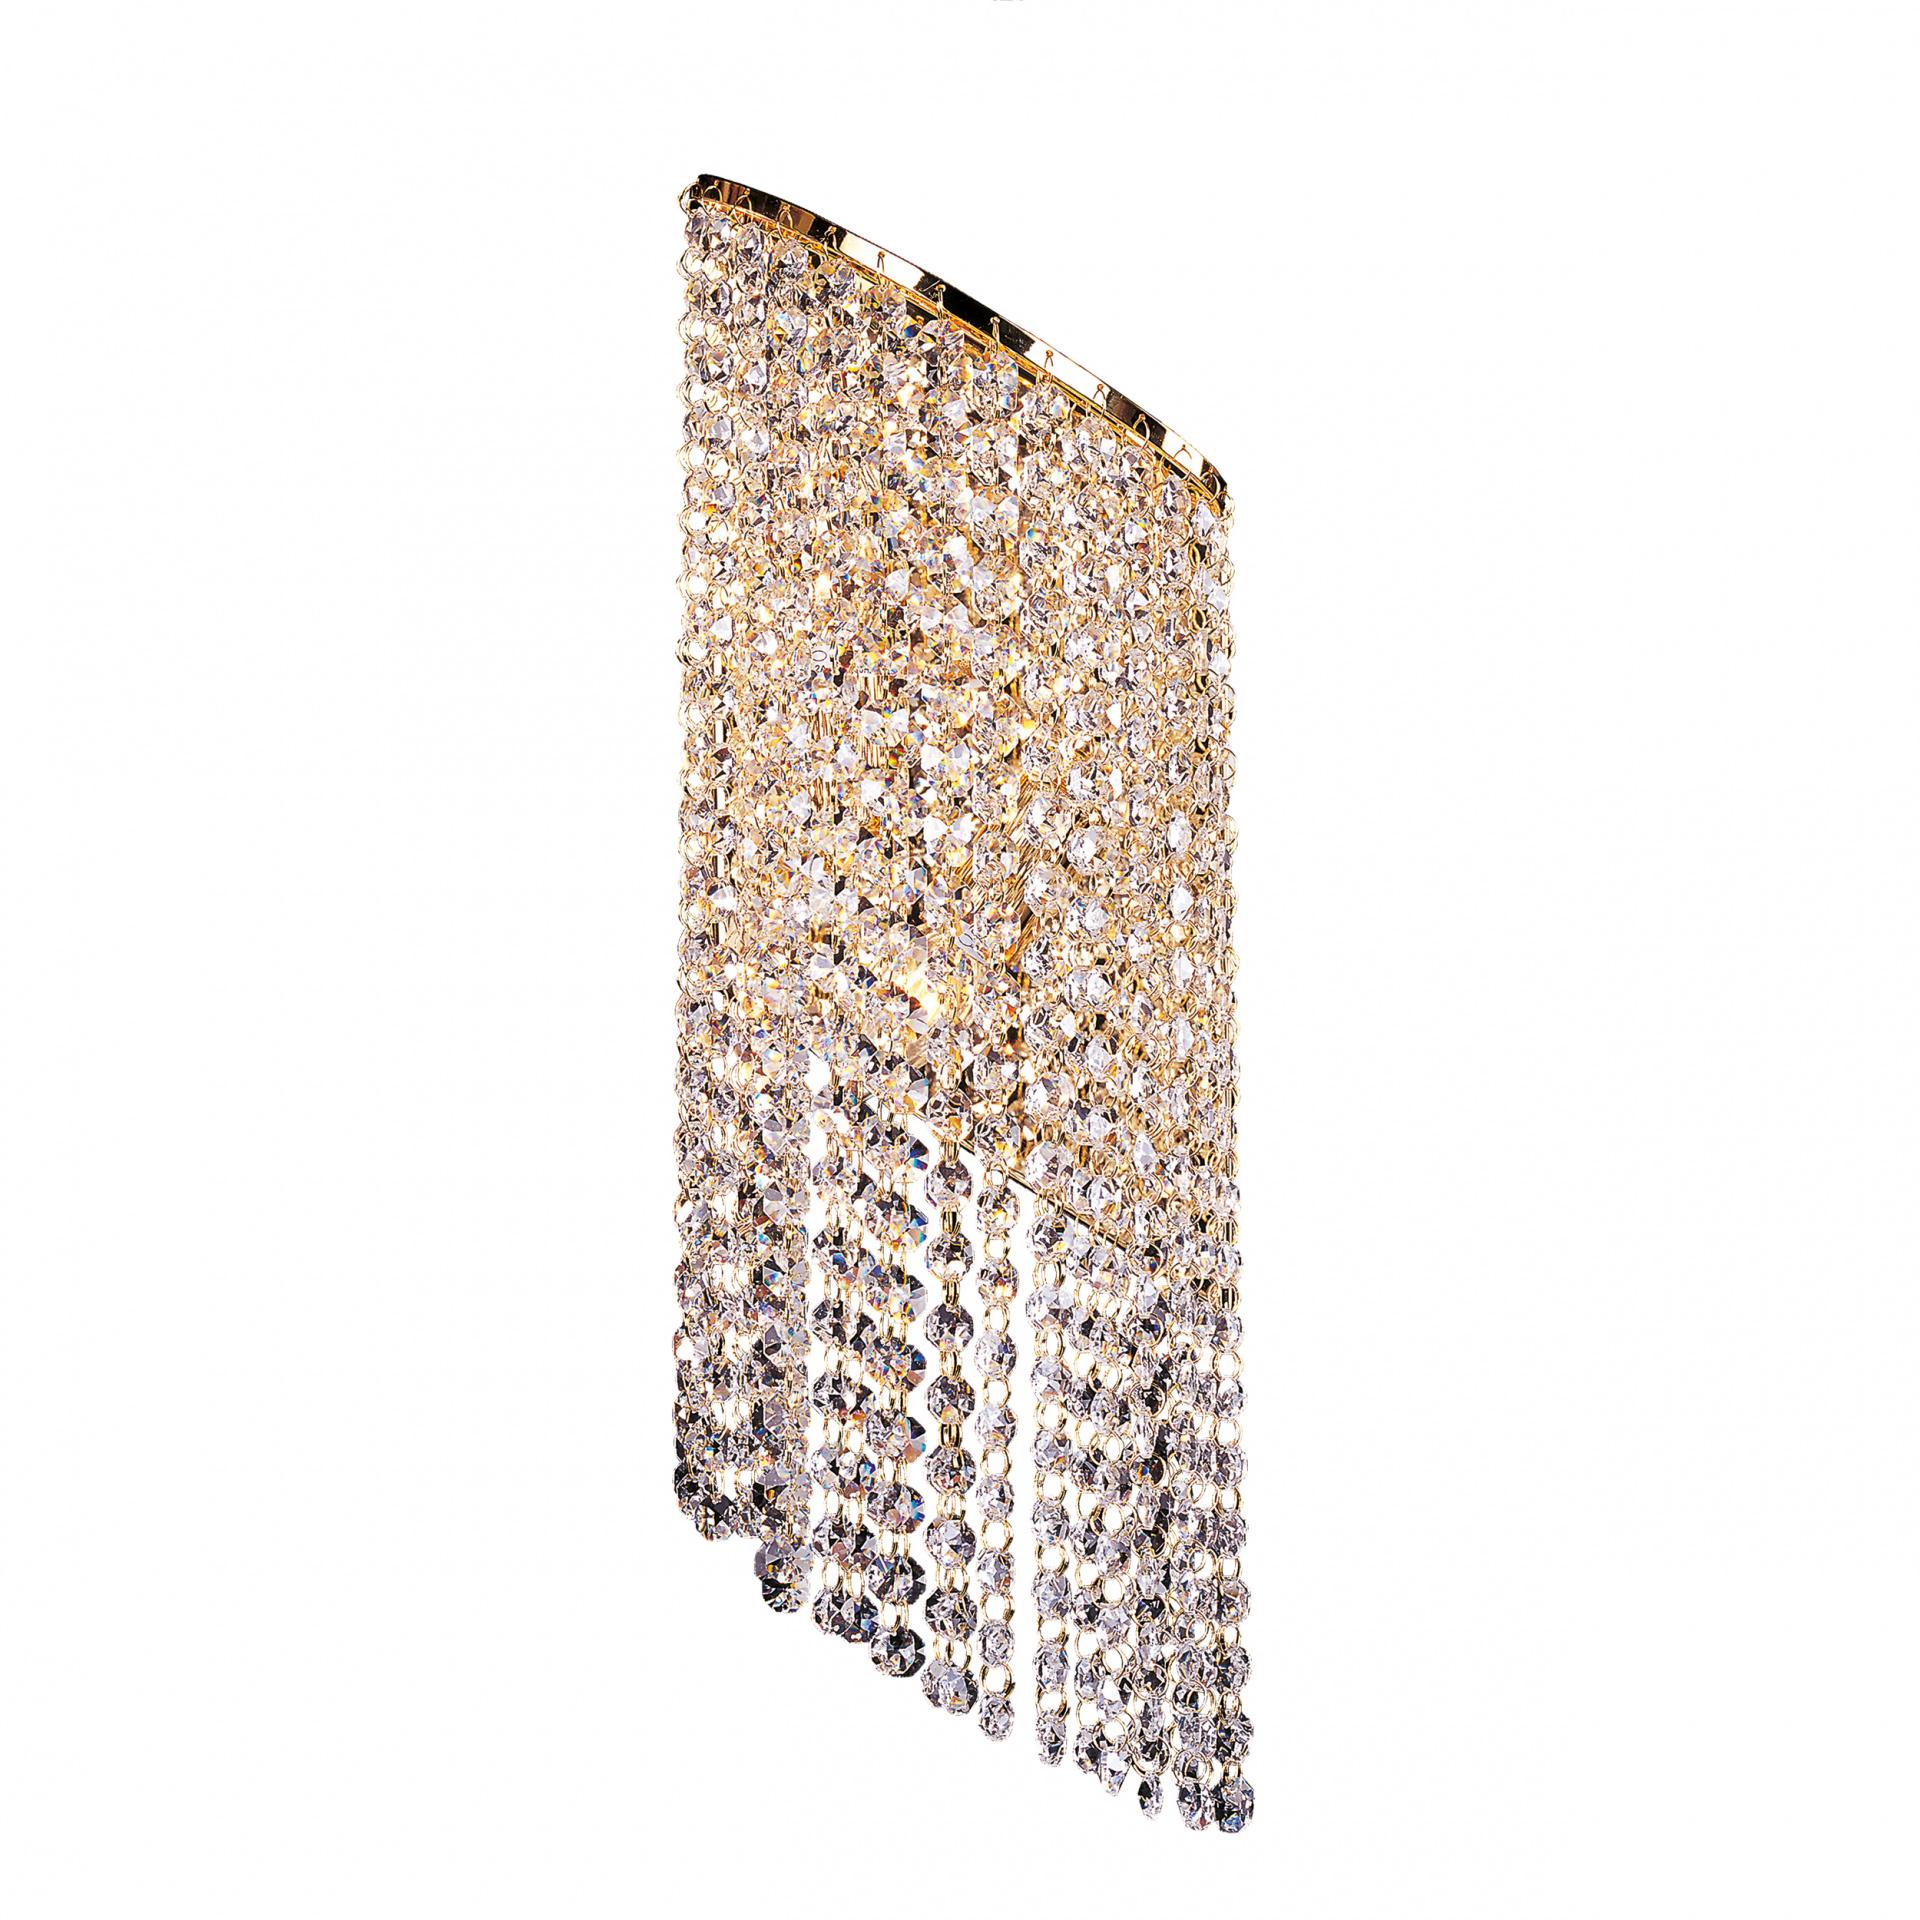 Бра Nuvola 2х40W E14 24K золото Osgona 709622, купить в СПб, Москве, с доставкой, Санкт-Петербург, интернет-магазин люстр и светильников Starlight, фото в жизни